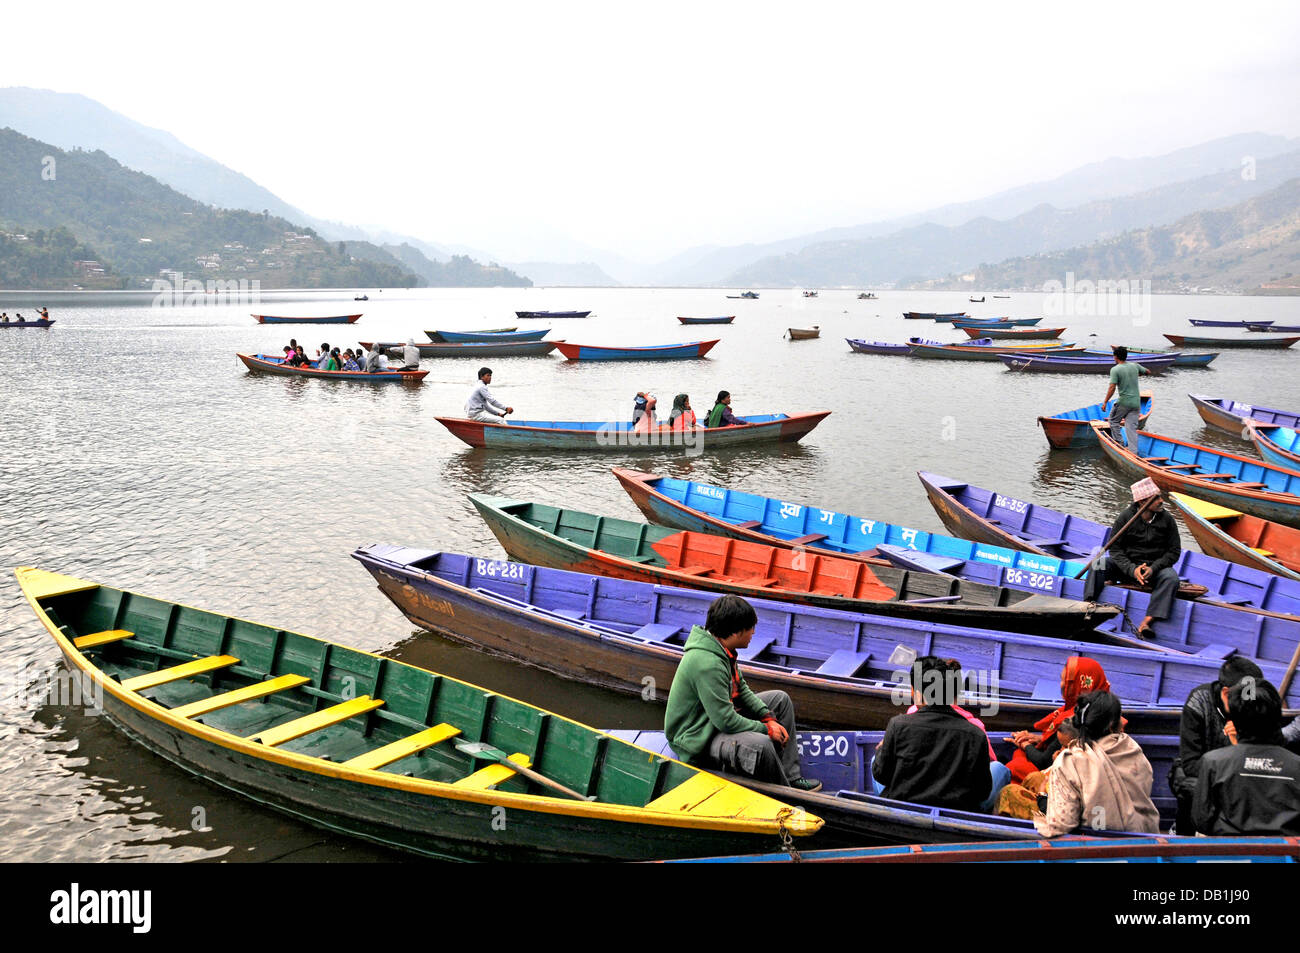 boats on Phewa lake Pokhara Nepal - Stock Image